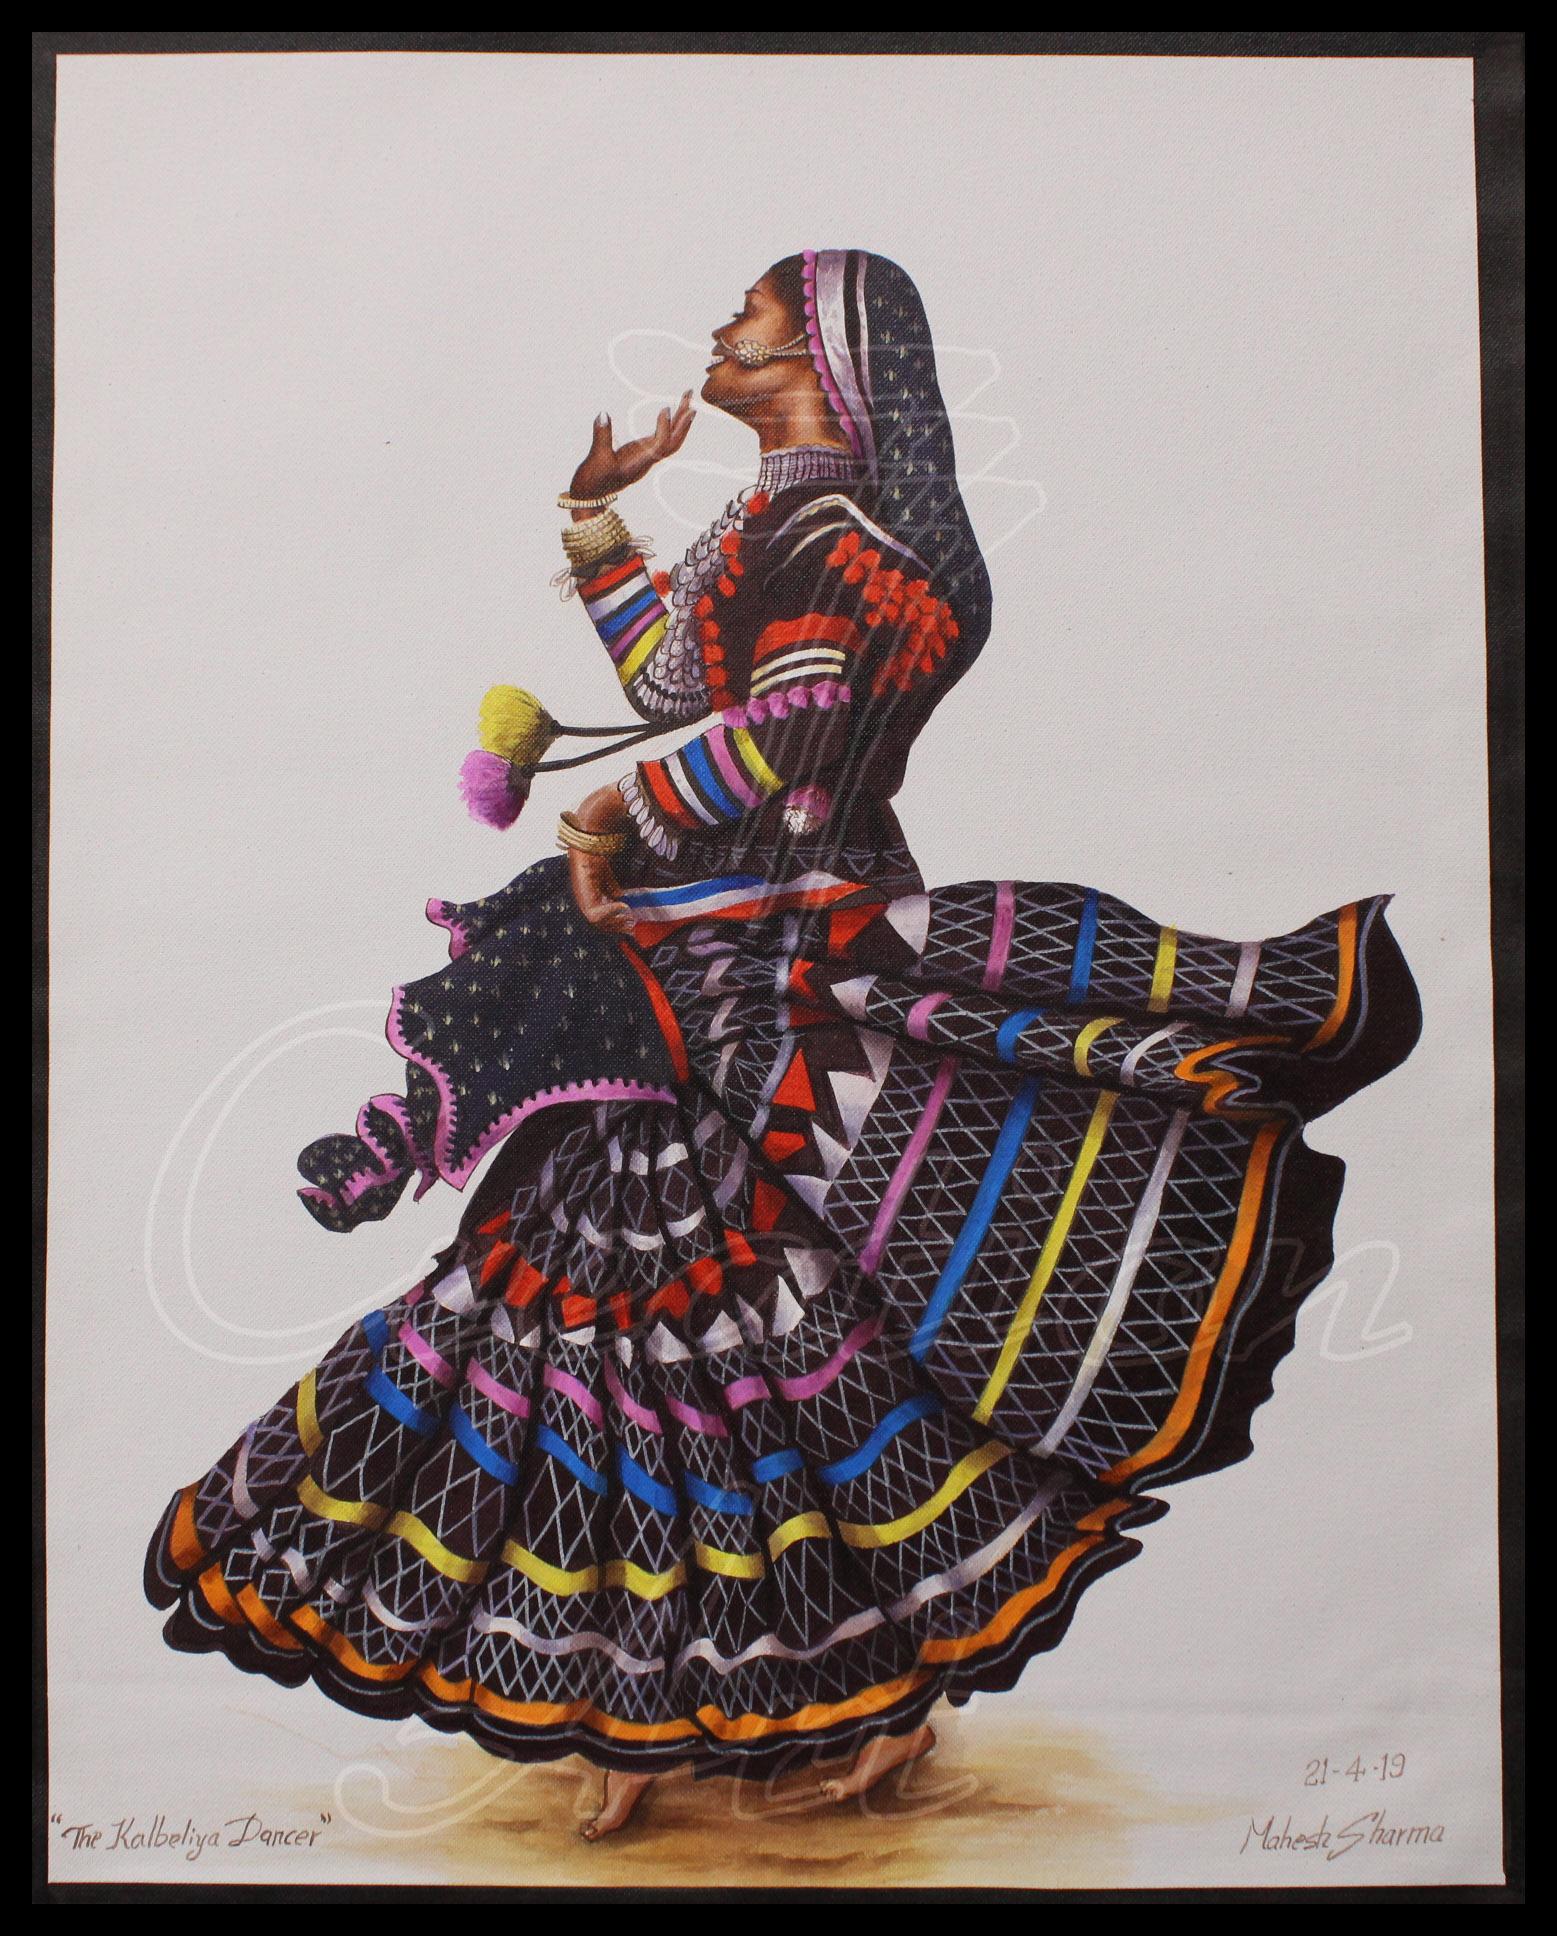 Kalbelia Dancer